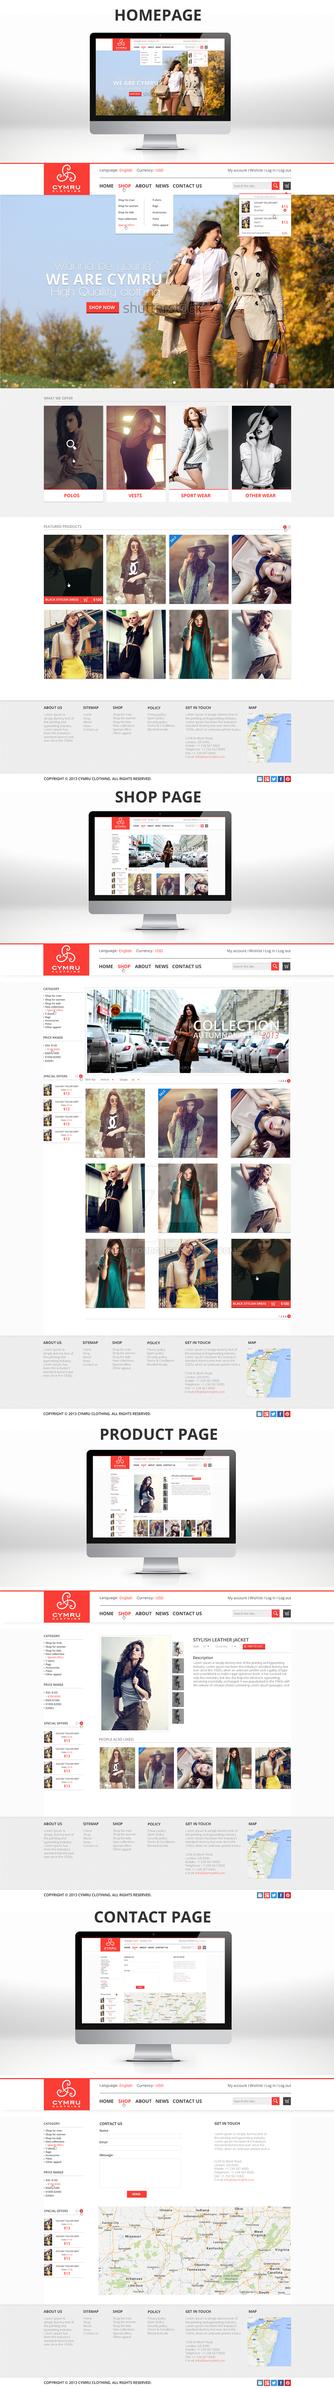 Cymru Clothing Website Design[For Sale] by NickchouBG